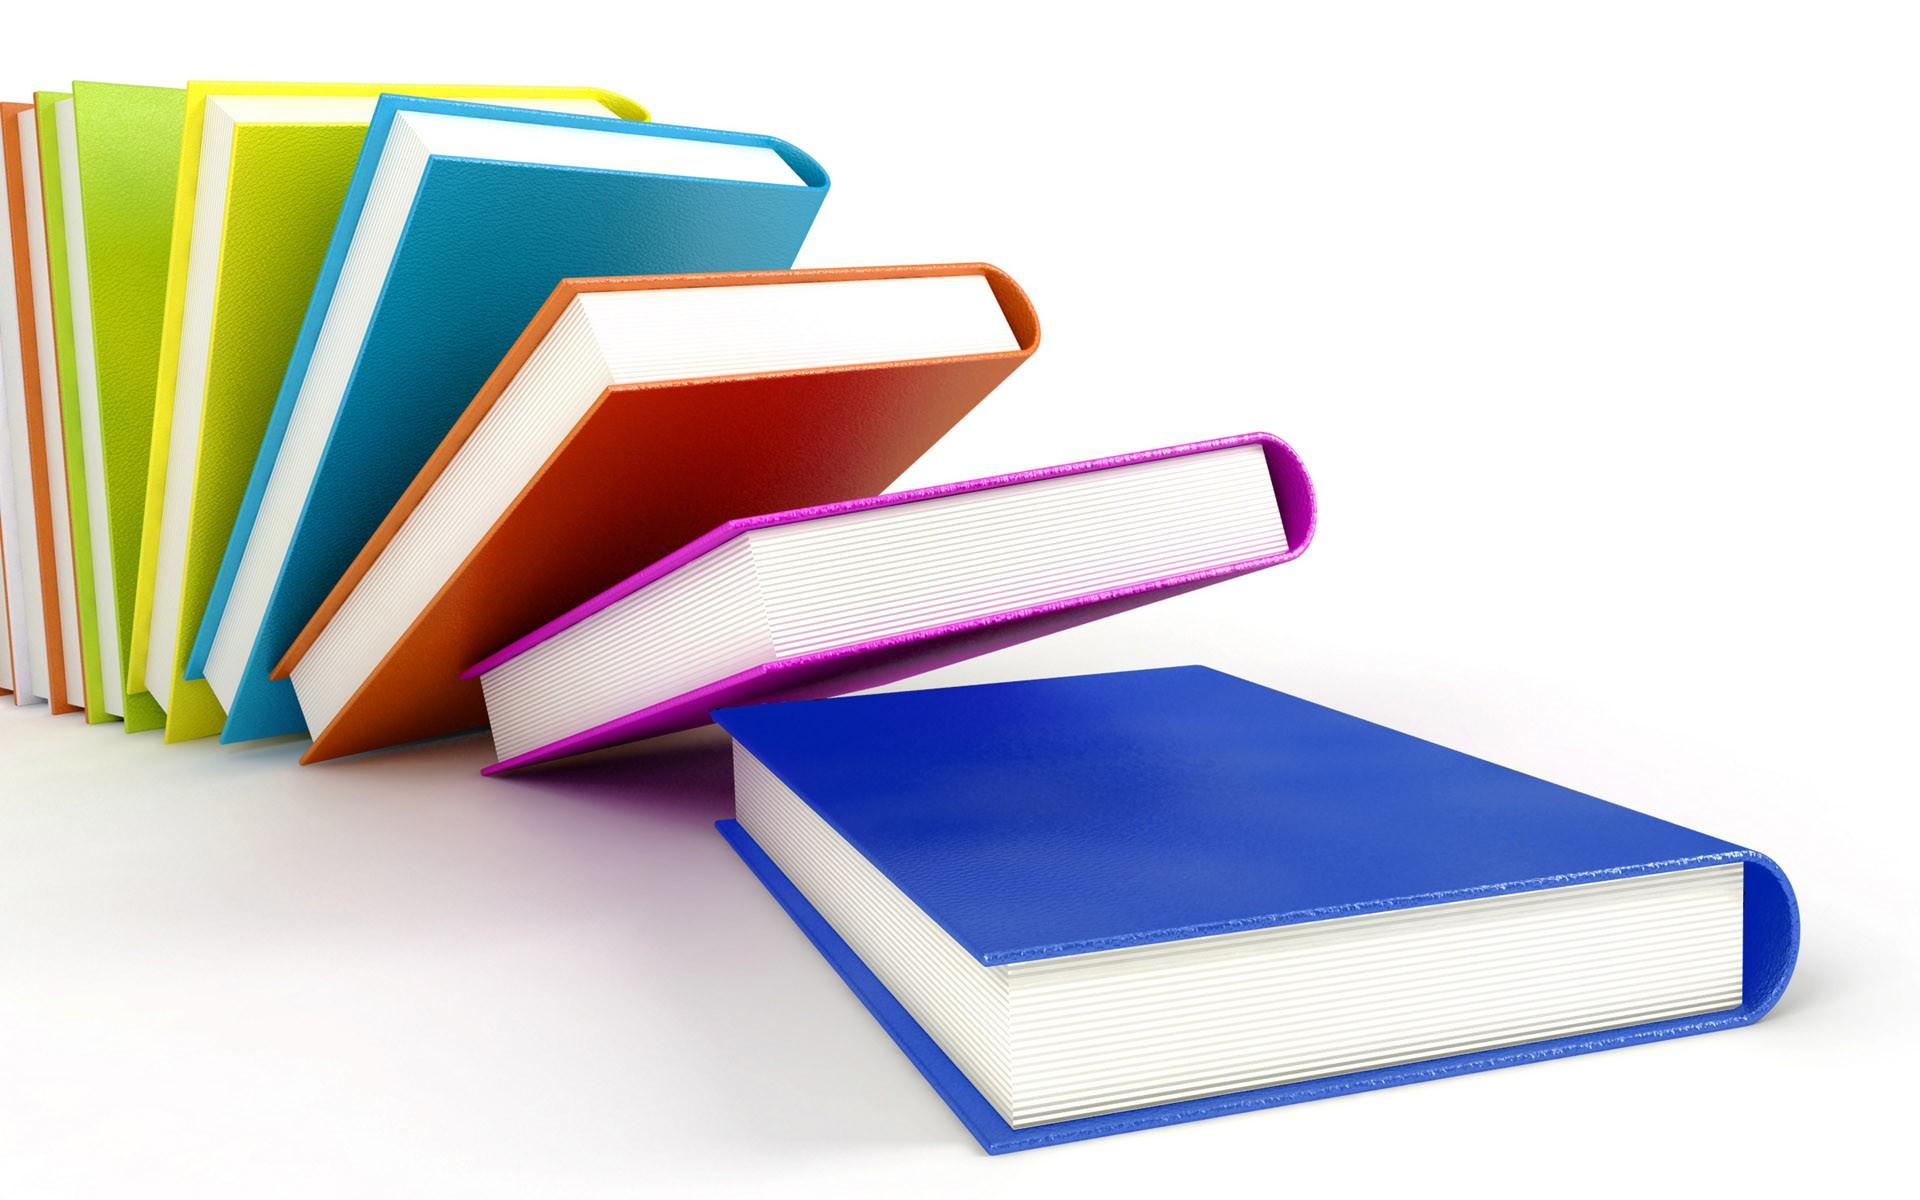 Diseño digital de libros - 1920x1200